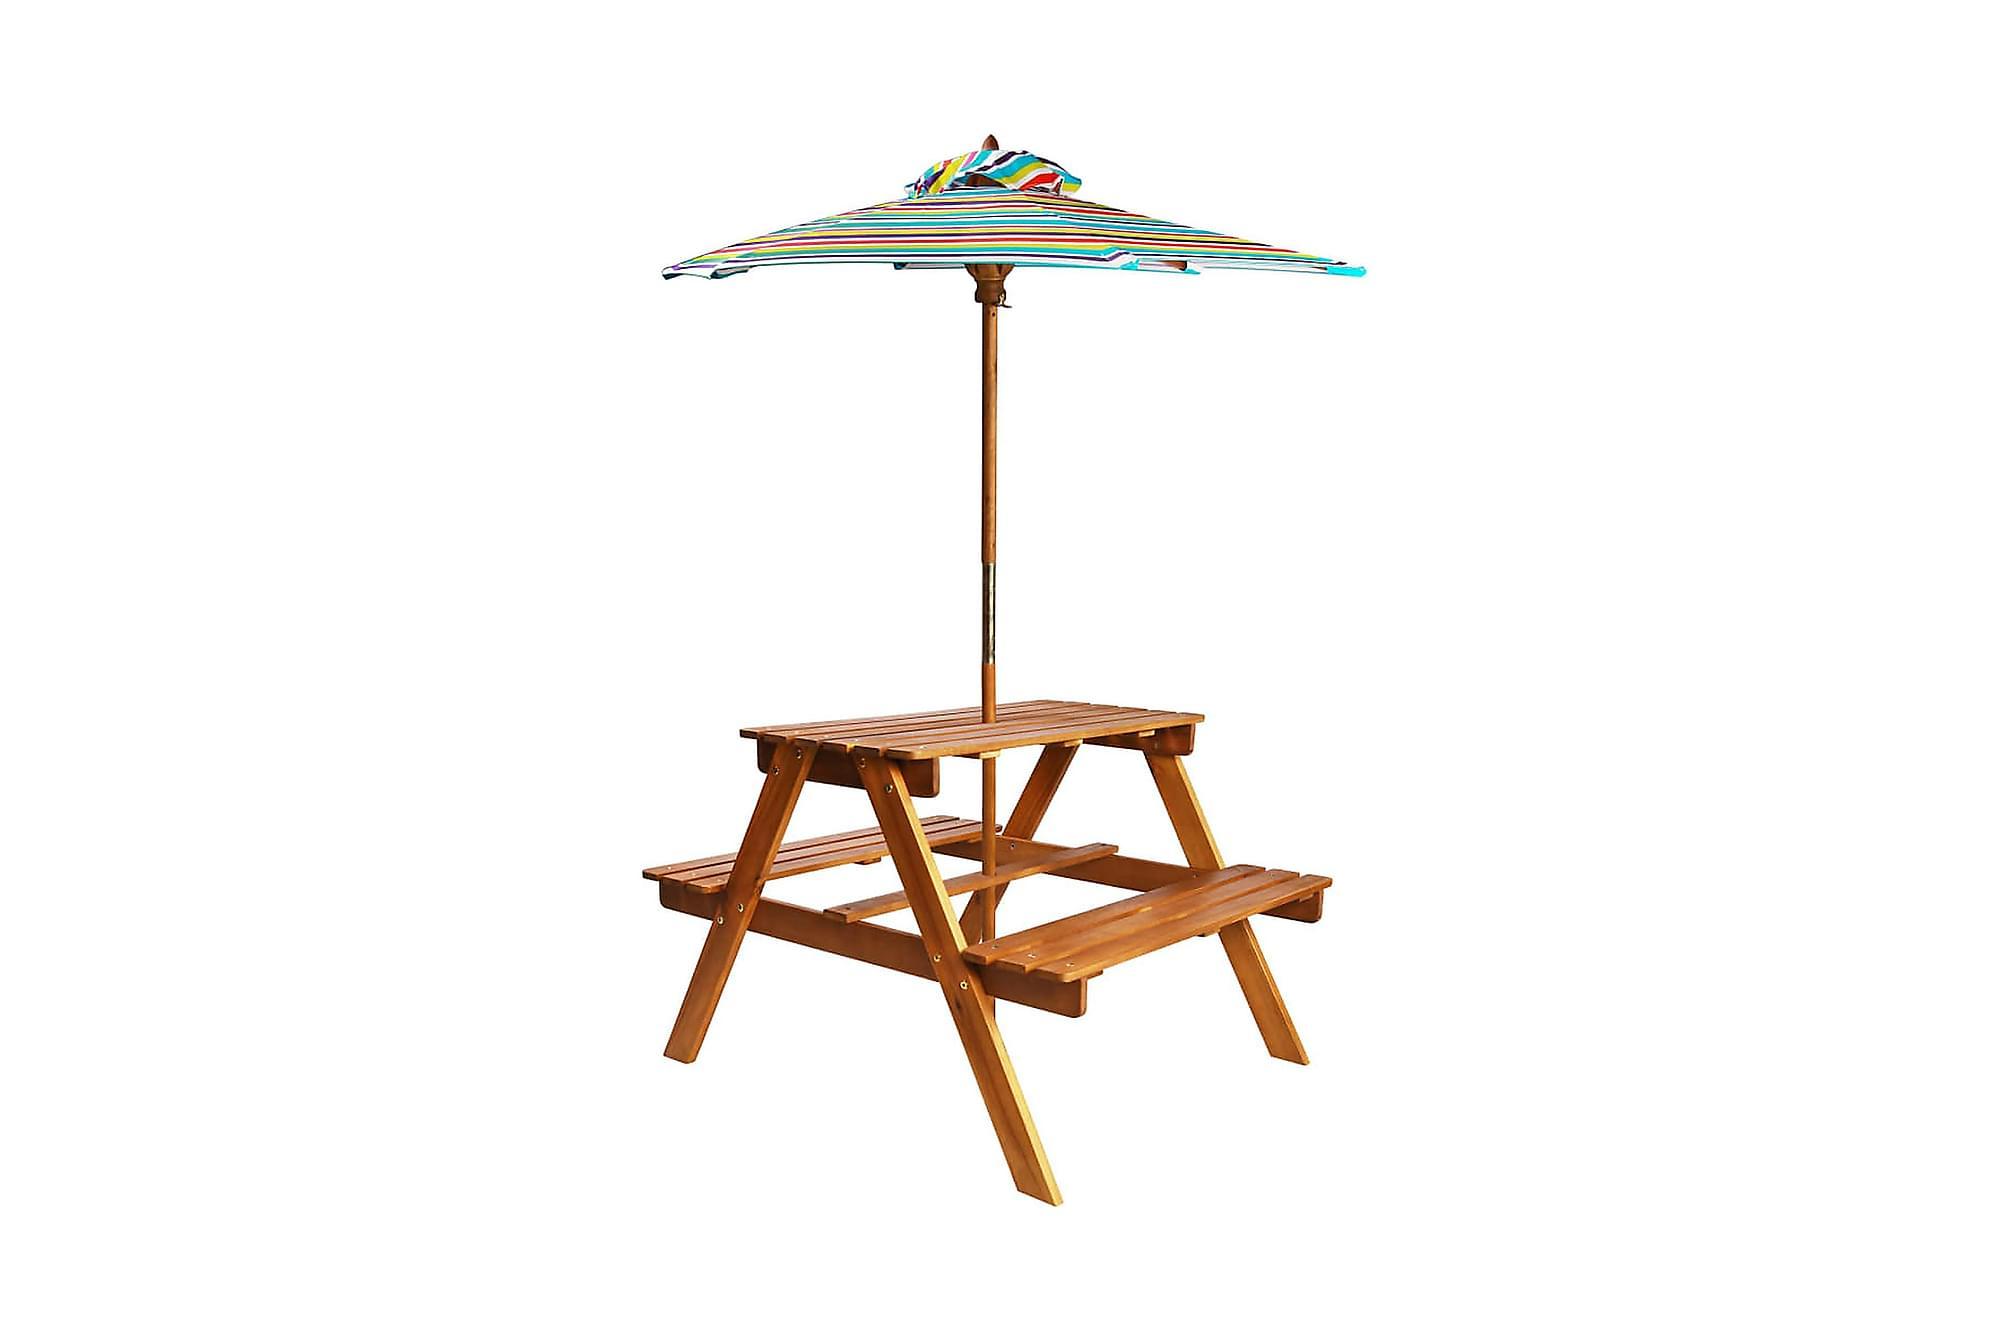 Picknickbord för barn med parasoll 79x90x60cm akaciaträ, Picknickbord